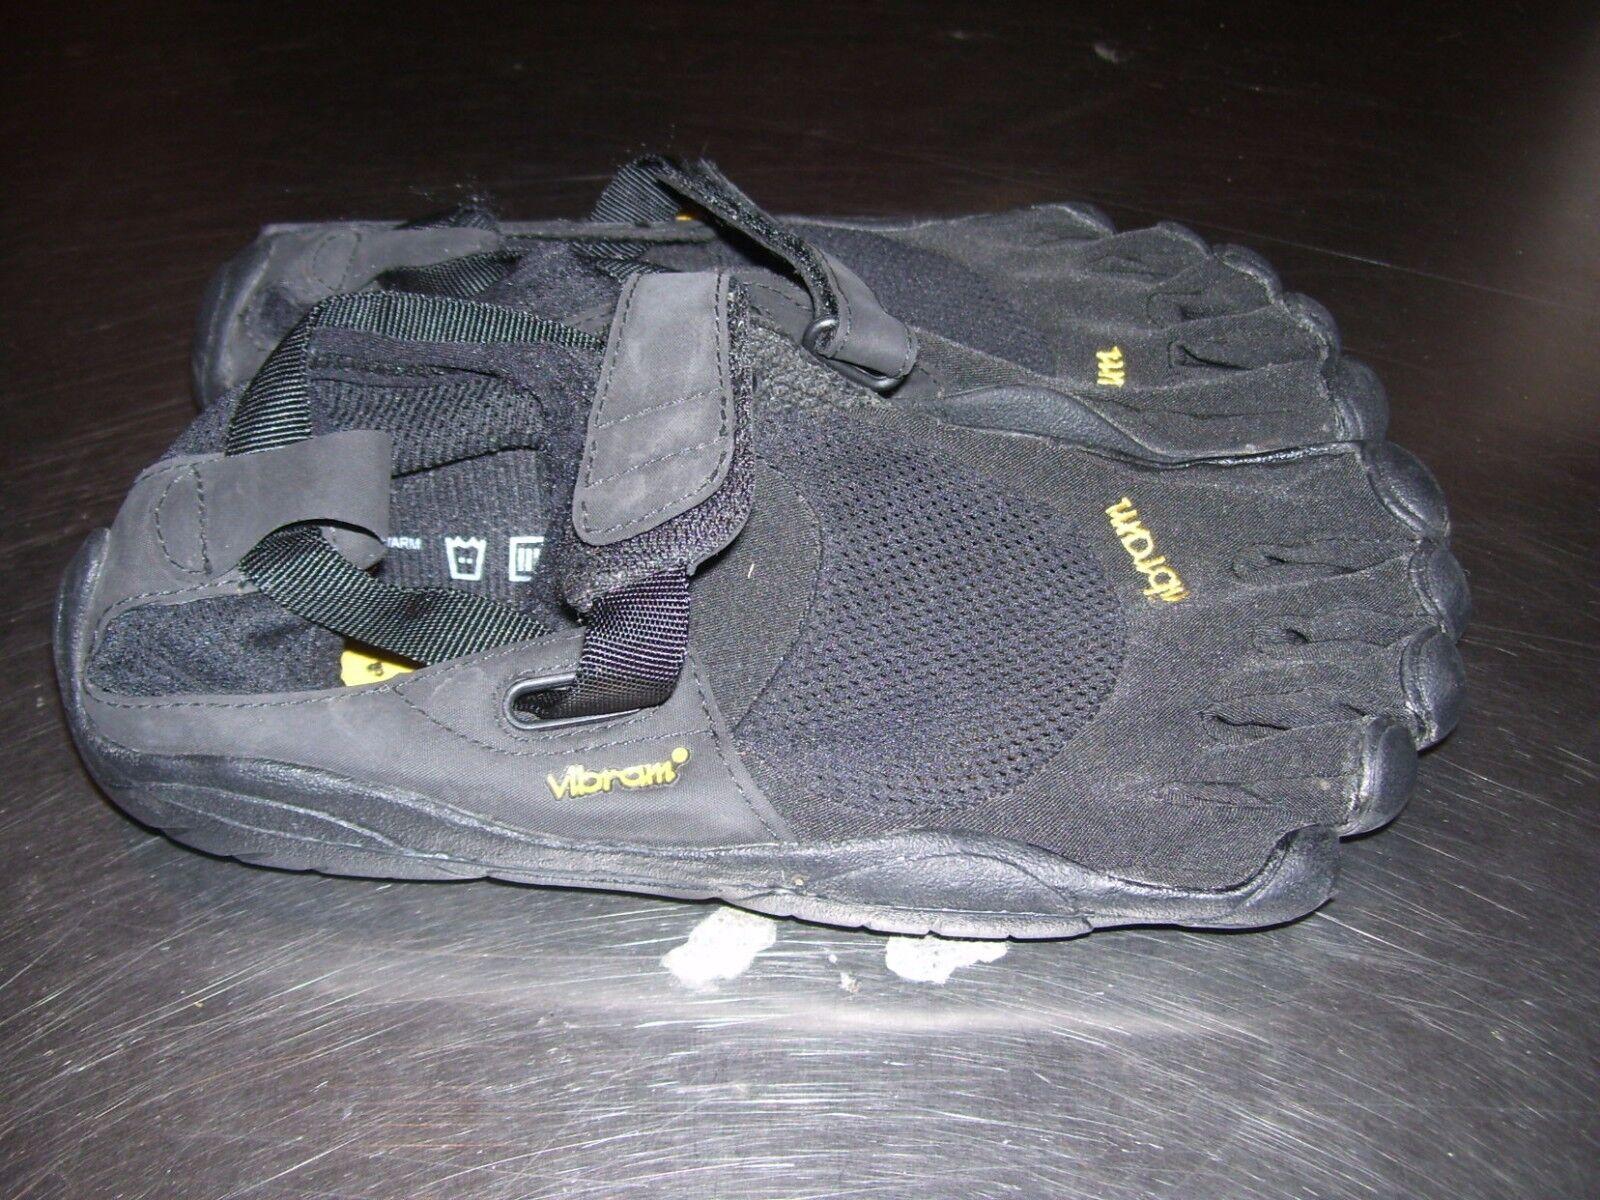 les chaussures de 5 vibram 5 de doigts taille 7.5 taille 38 6f5a41